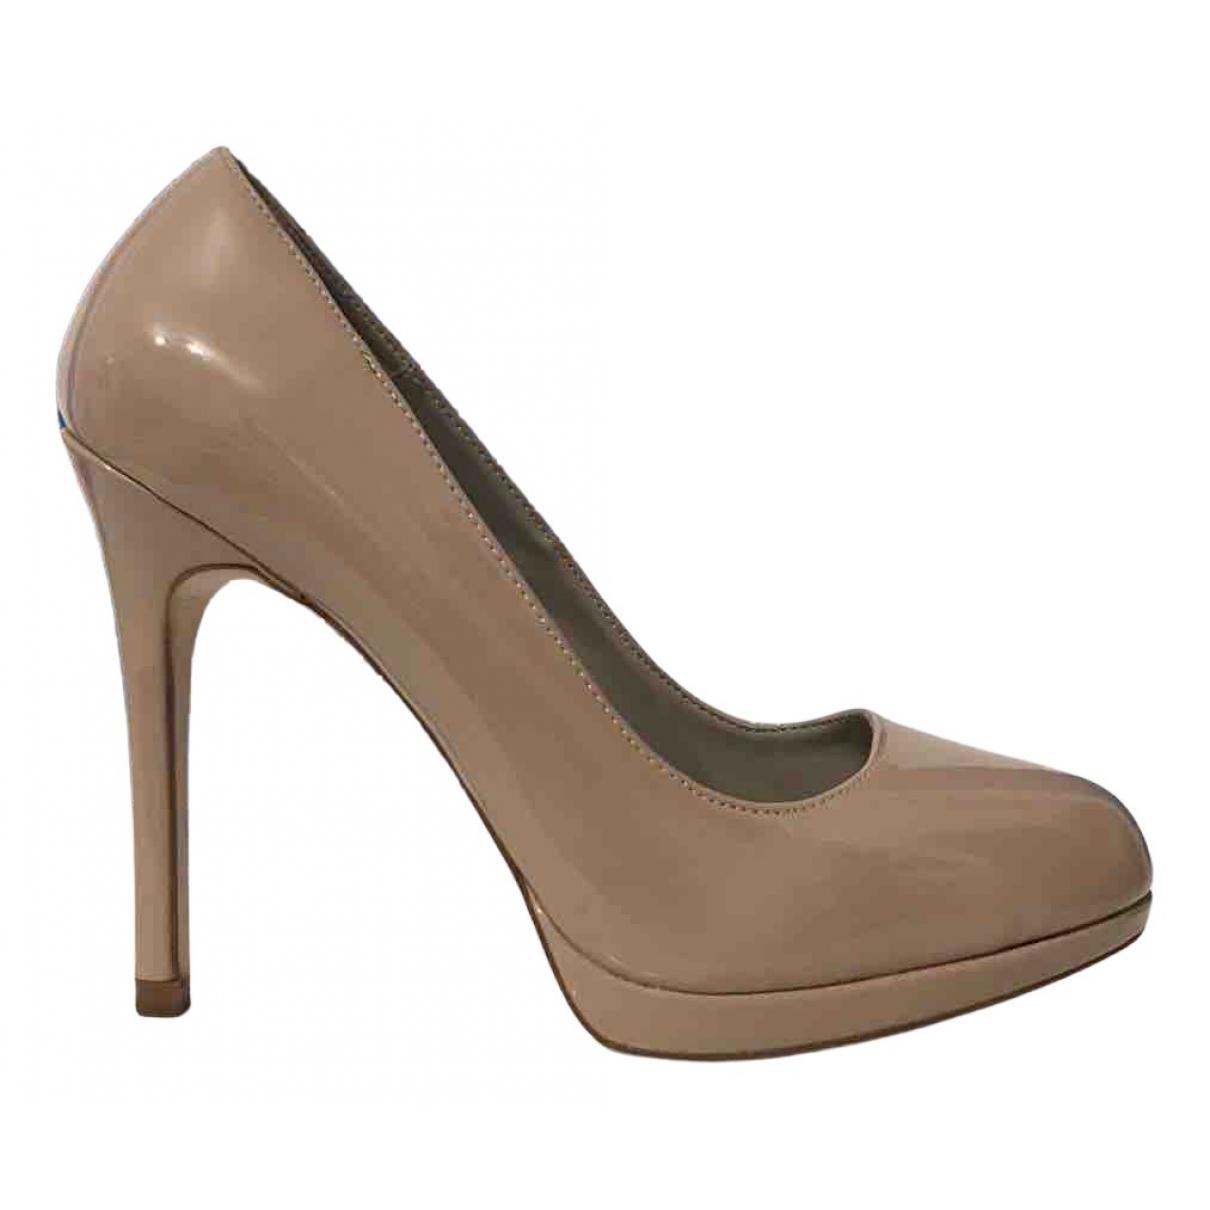 Zara N Beige Patent leather Heels for Women 39 EU